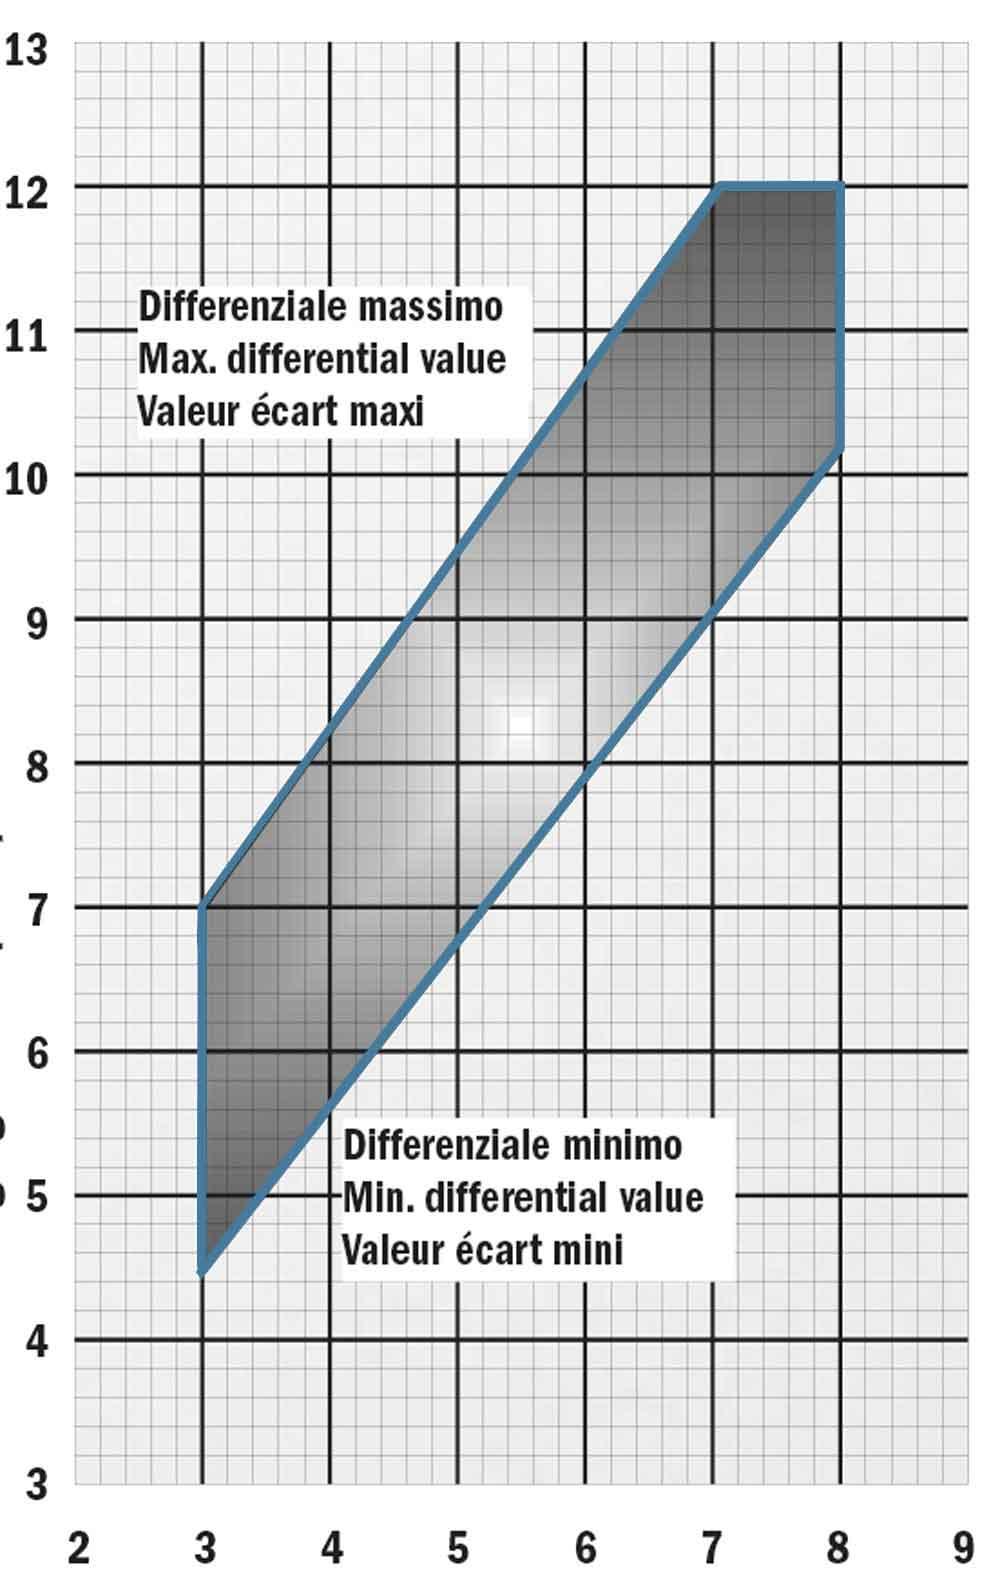 نمودار فشار کلید اتوماتیک ایتال تکنیکا PM/12